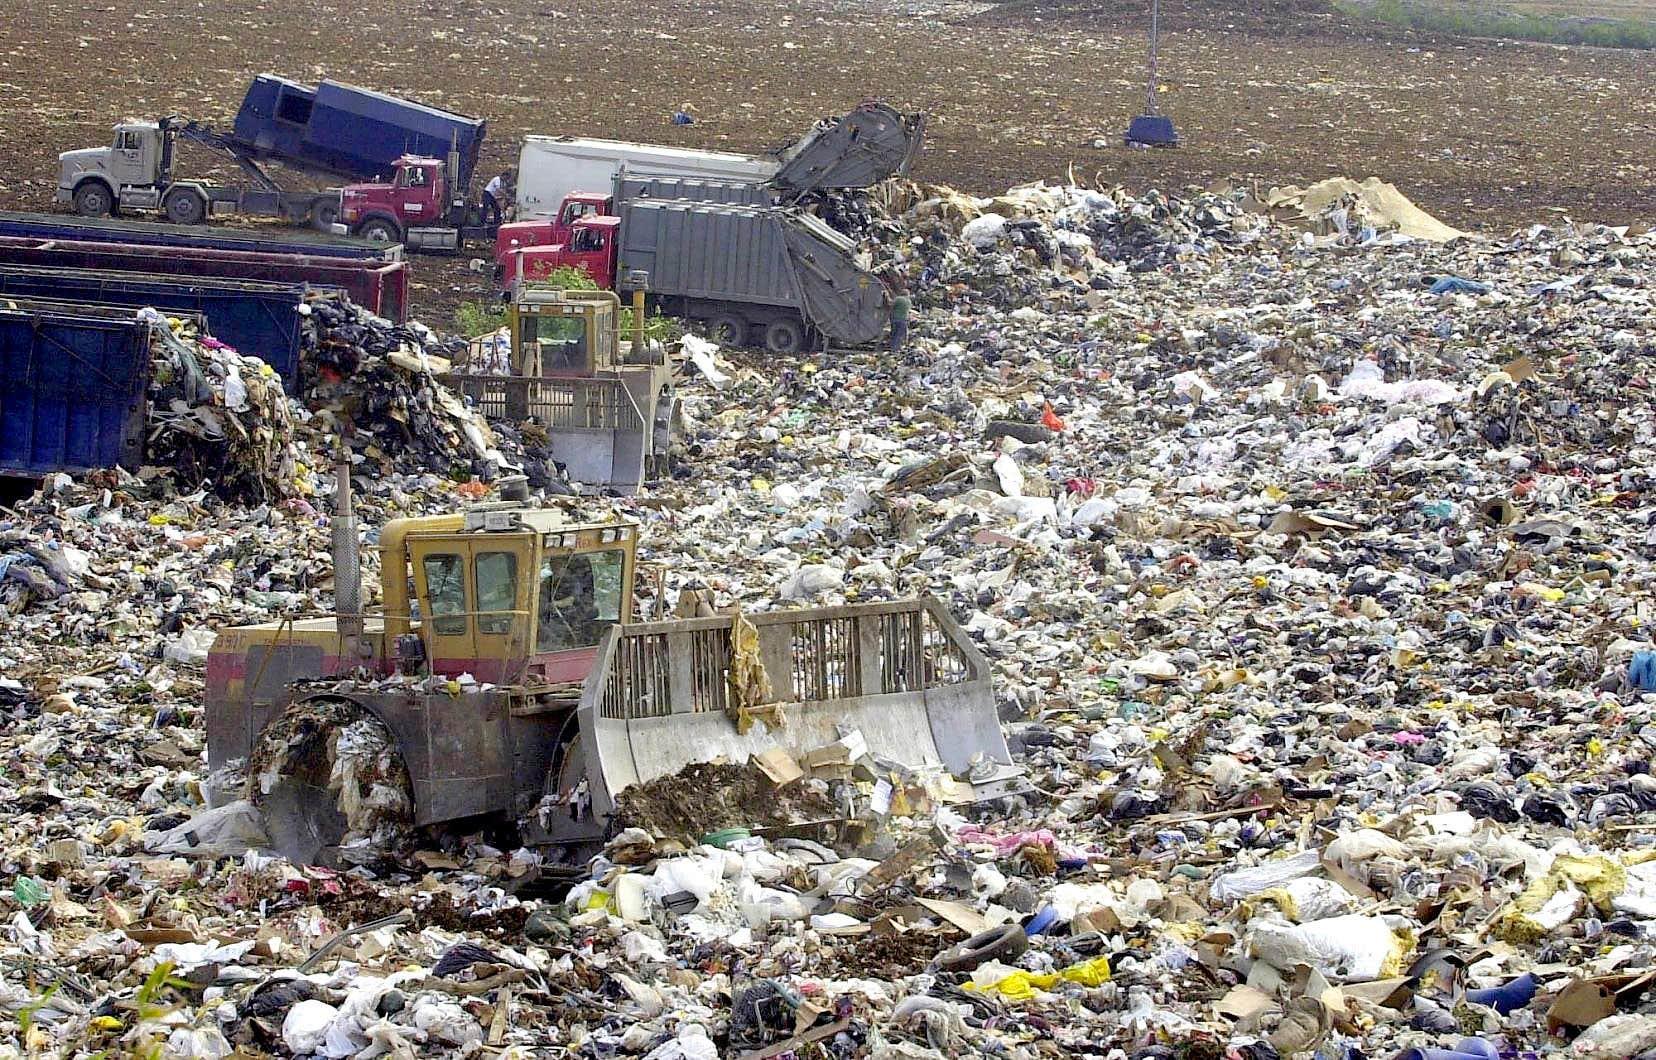 Selon les données de Recyc-Québec, les Québécois ont généré 697 kilogrammes de déchets par habitant en 2018.